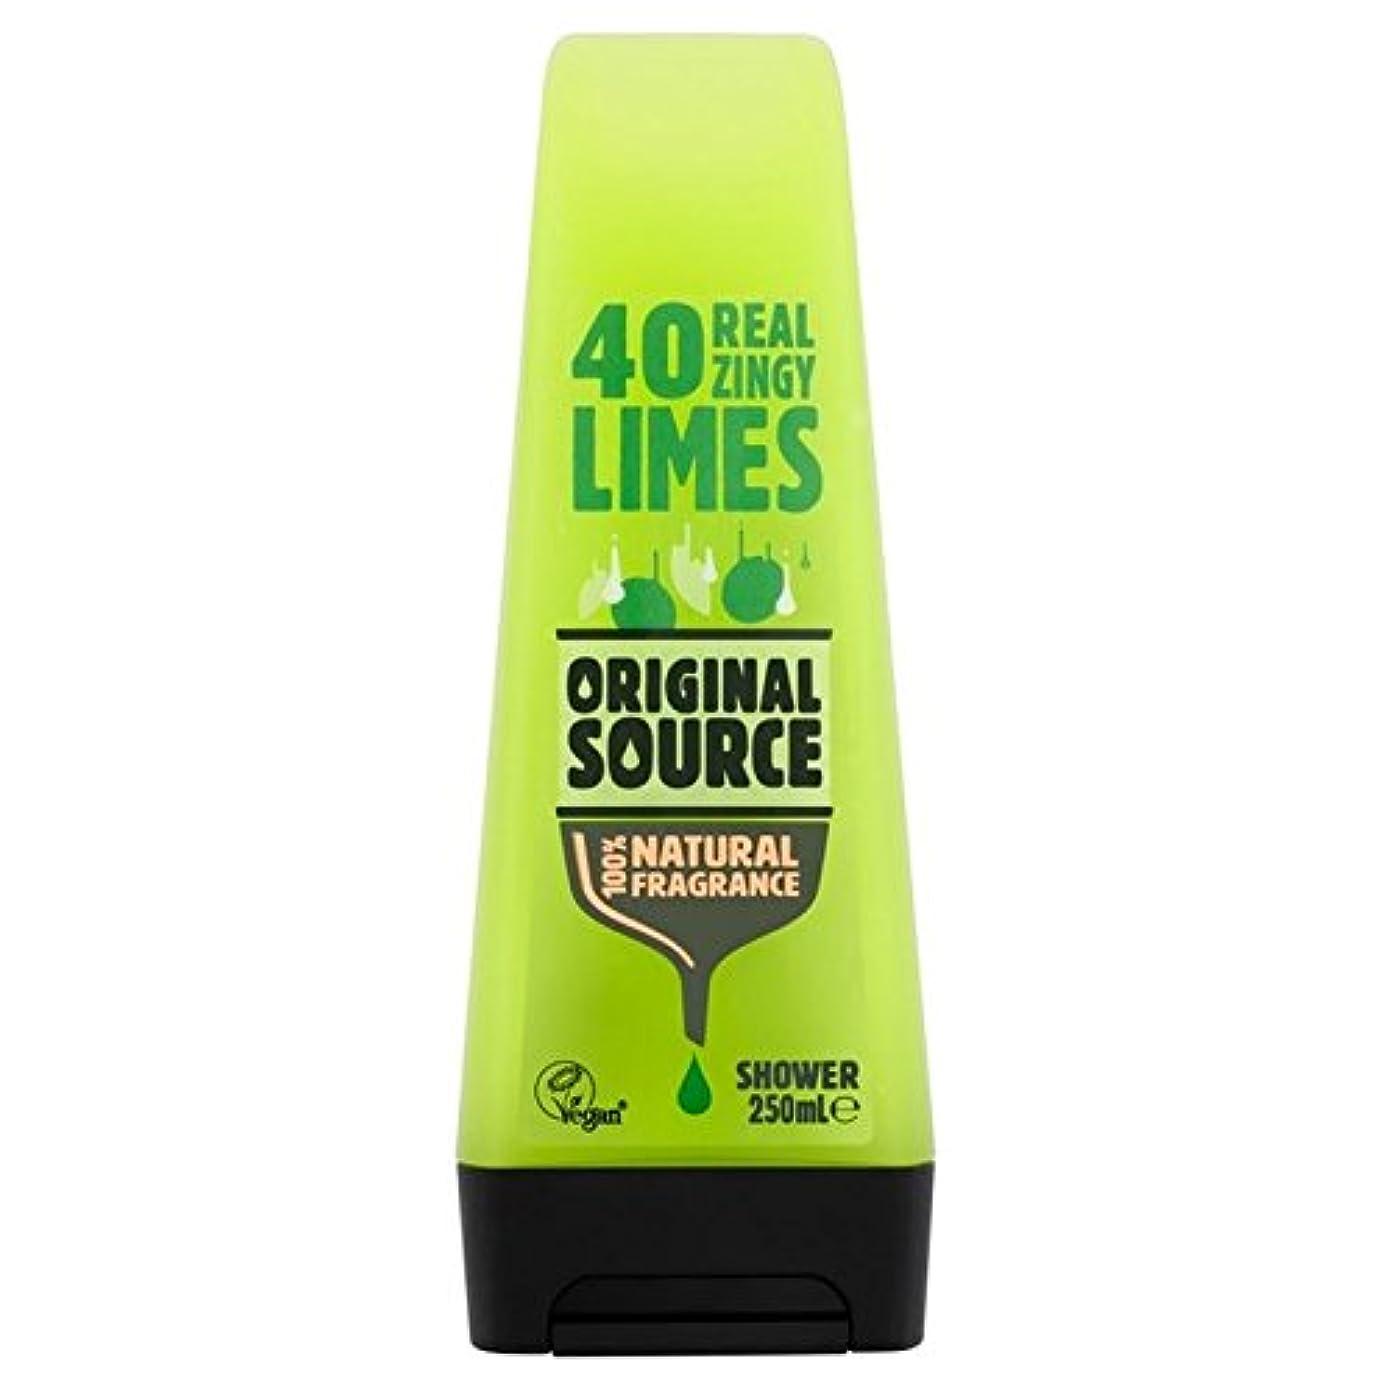 フォーラムページ崖元のソースライムシャワージェル250ミリリットル x4 - Original Source Lime Shower Gel 250ml (Pack of 4) [並行輸入品]